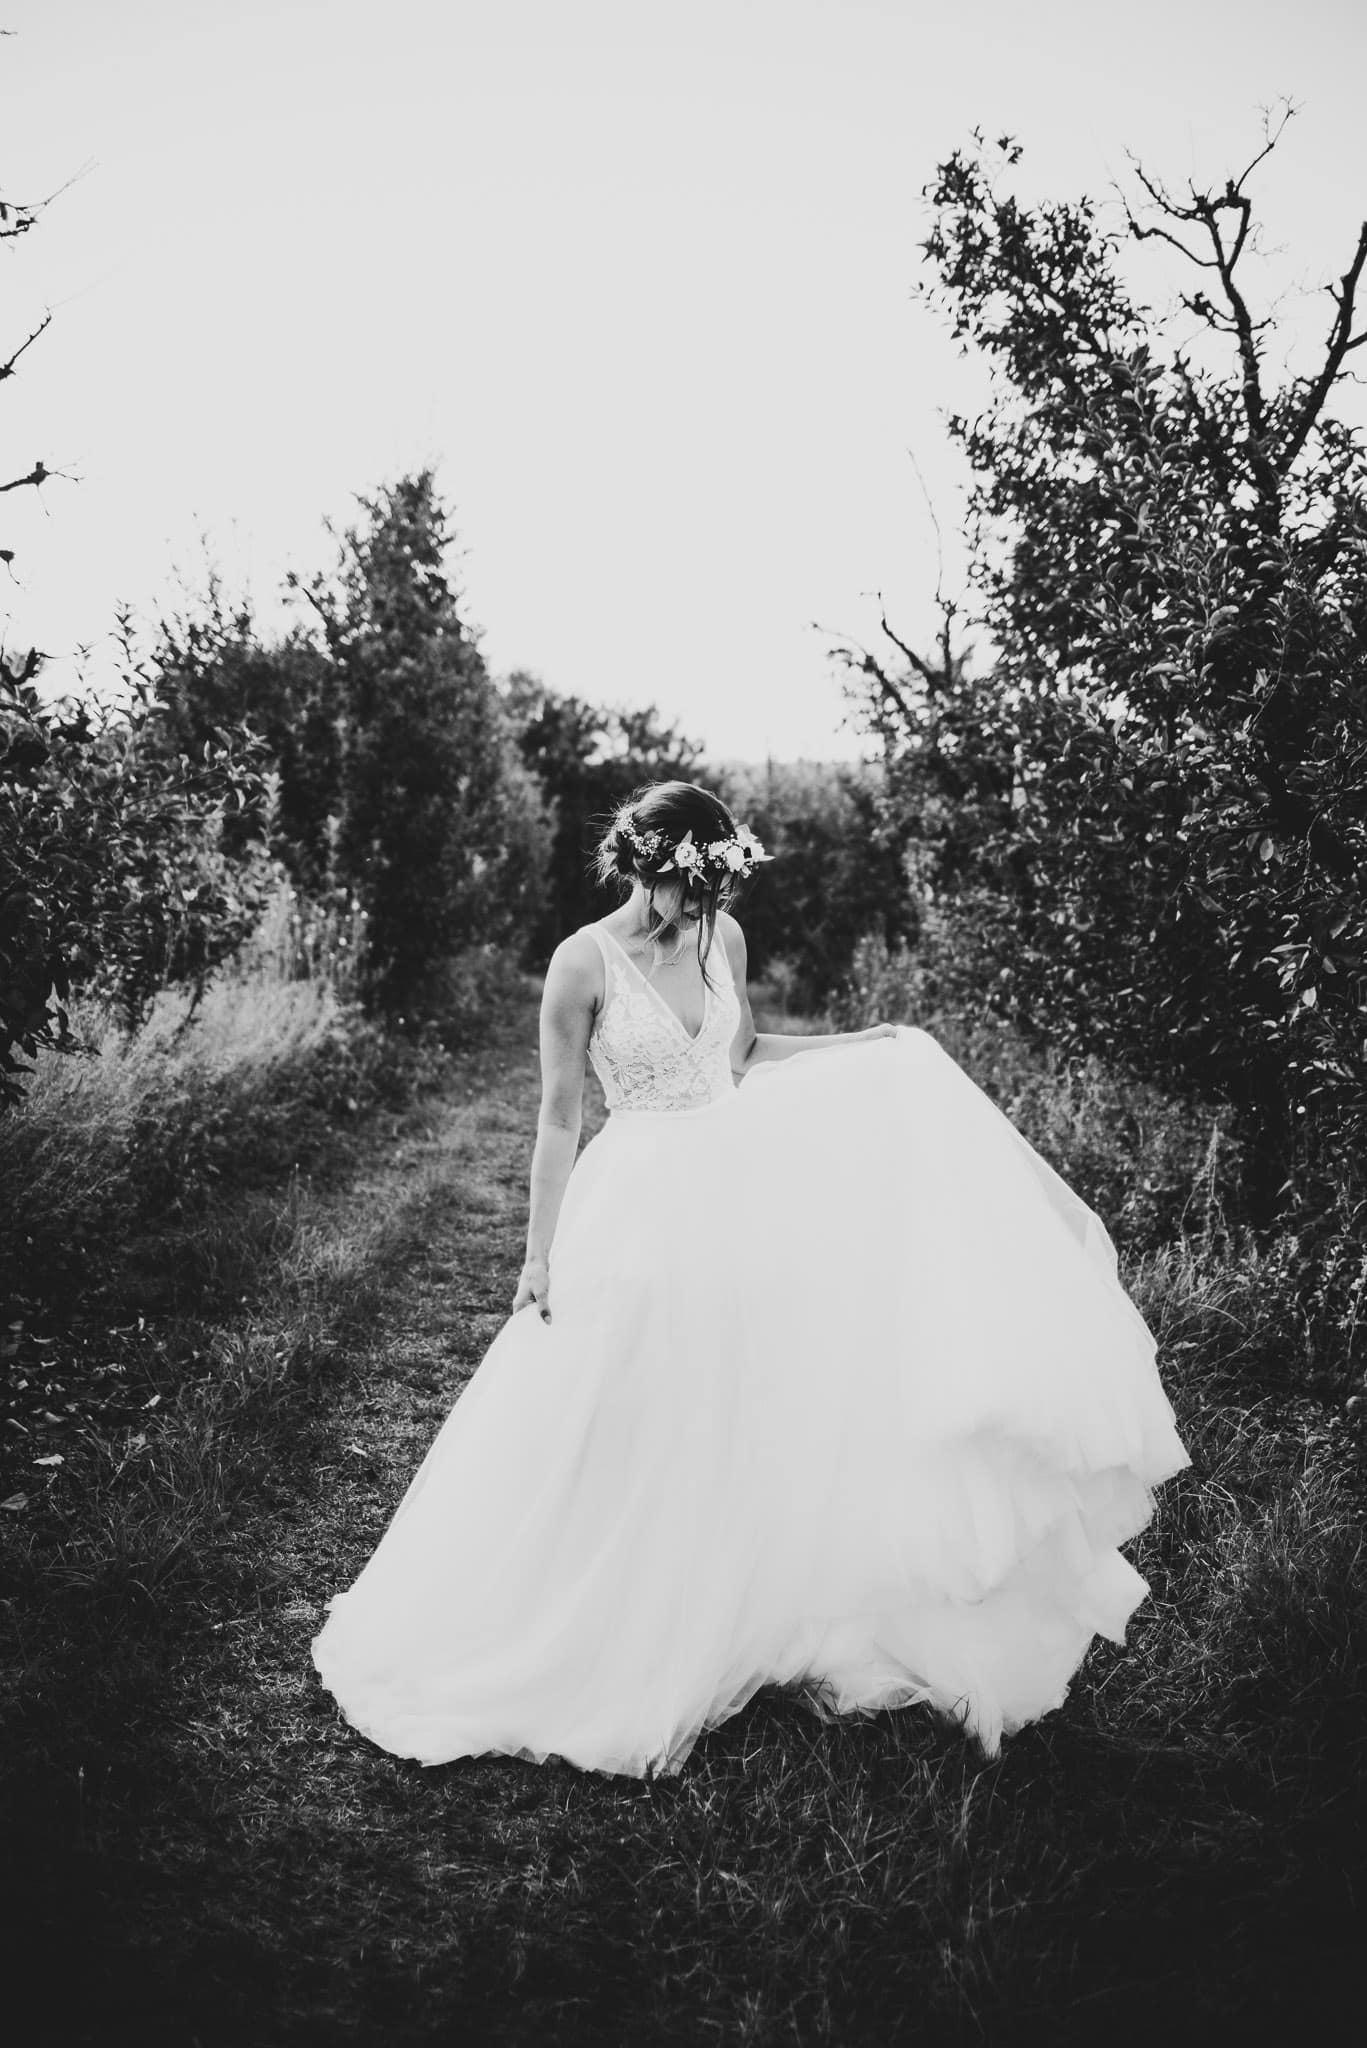 Amazing Outdoors Wedding Elaboration - Wedding Idea 2018 ...